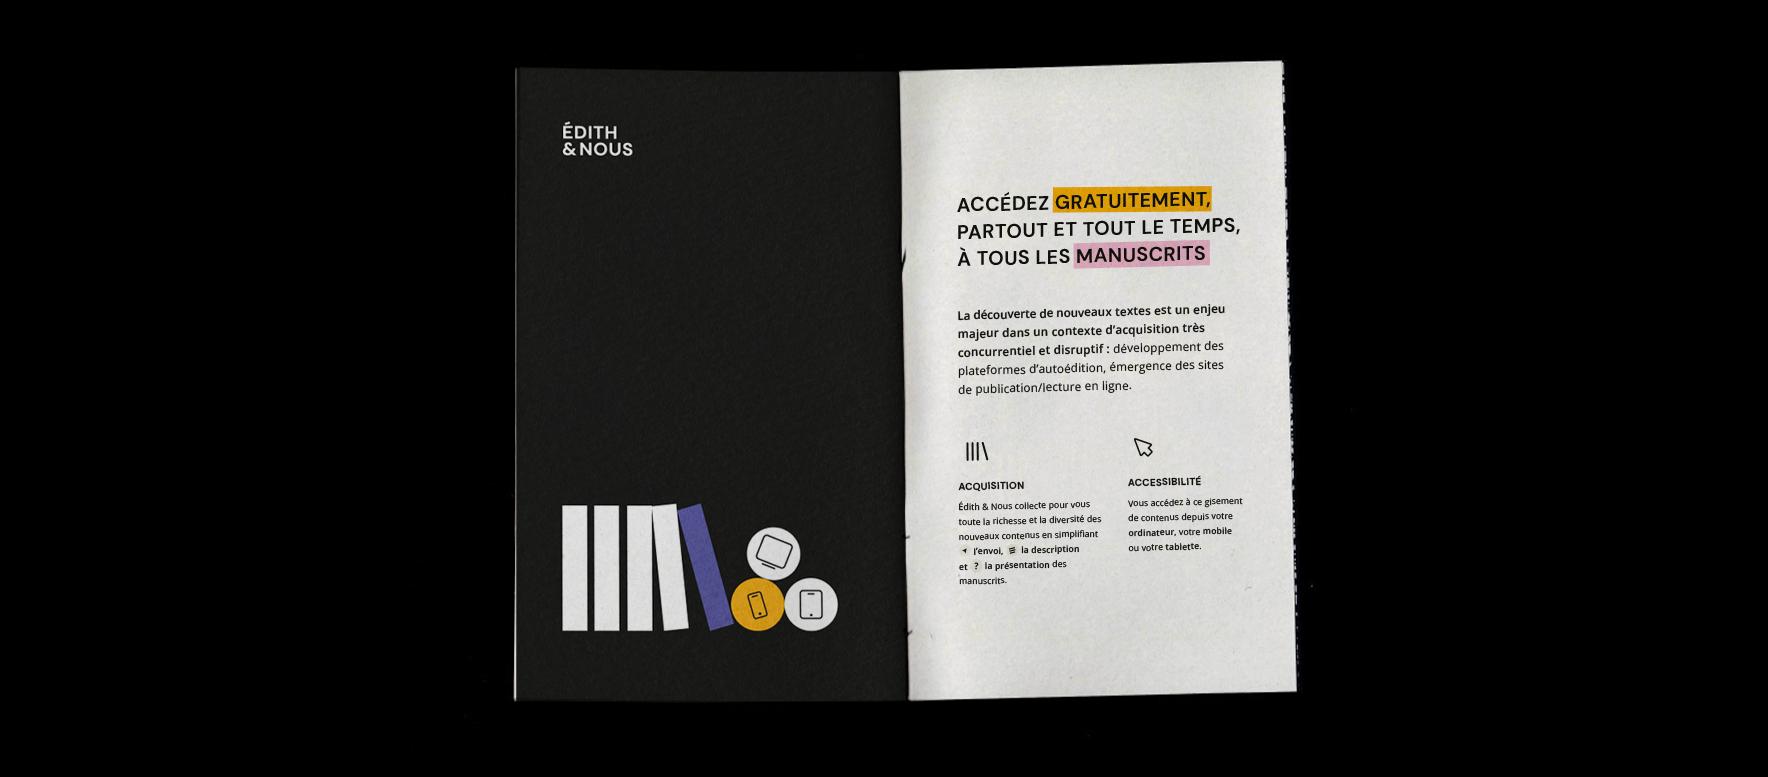 E&NOKCover-copie-20